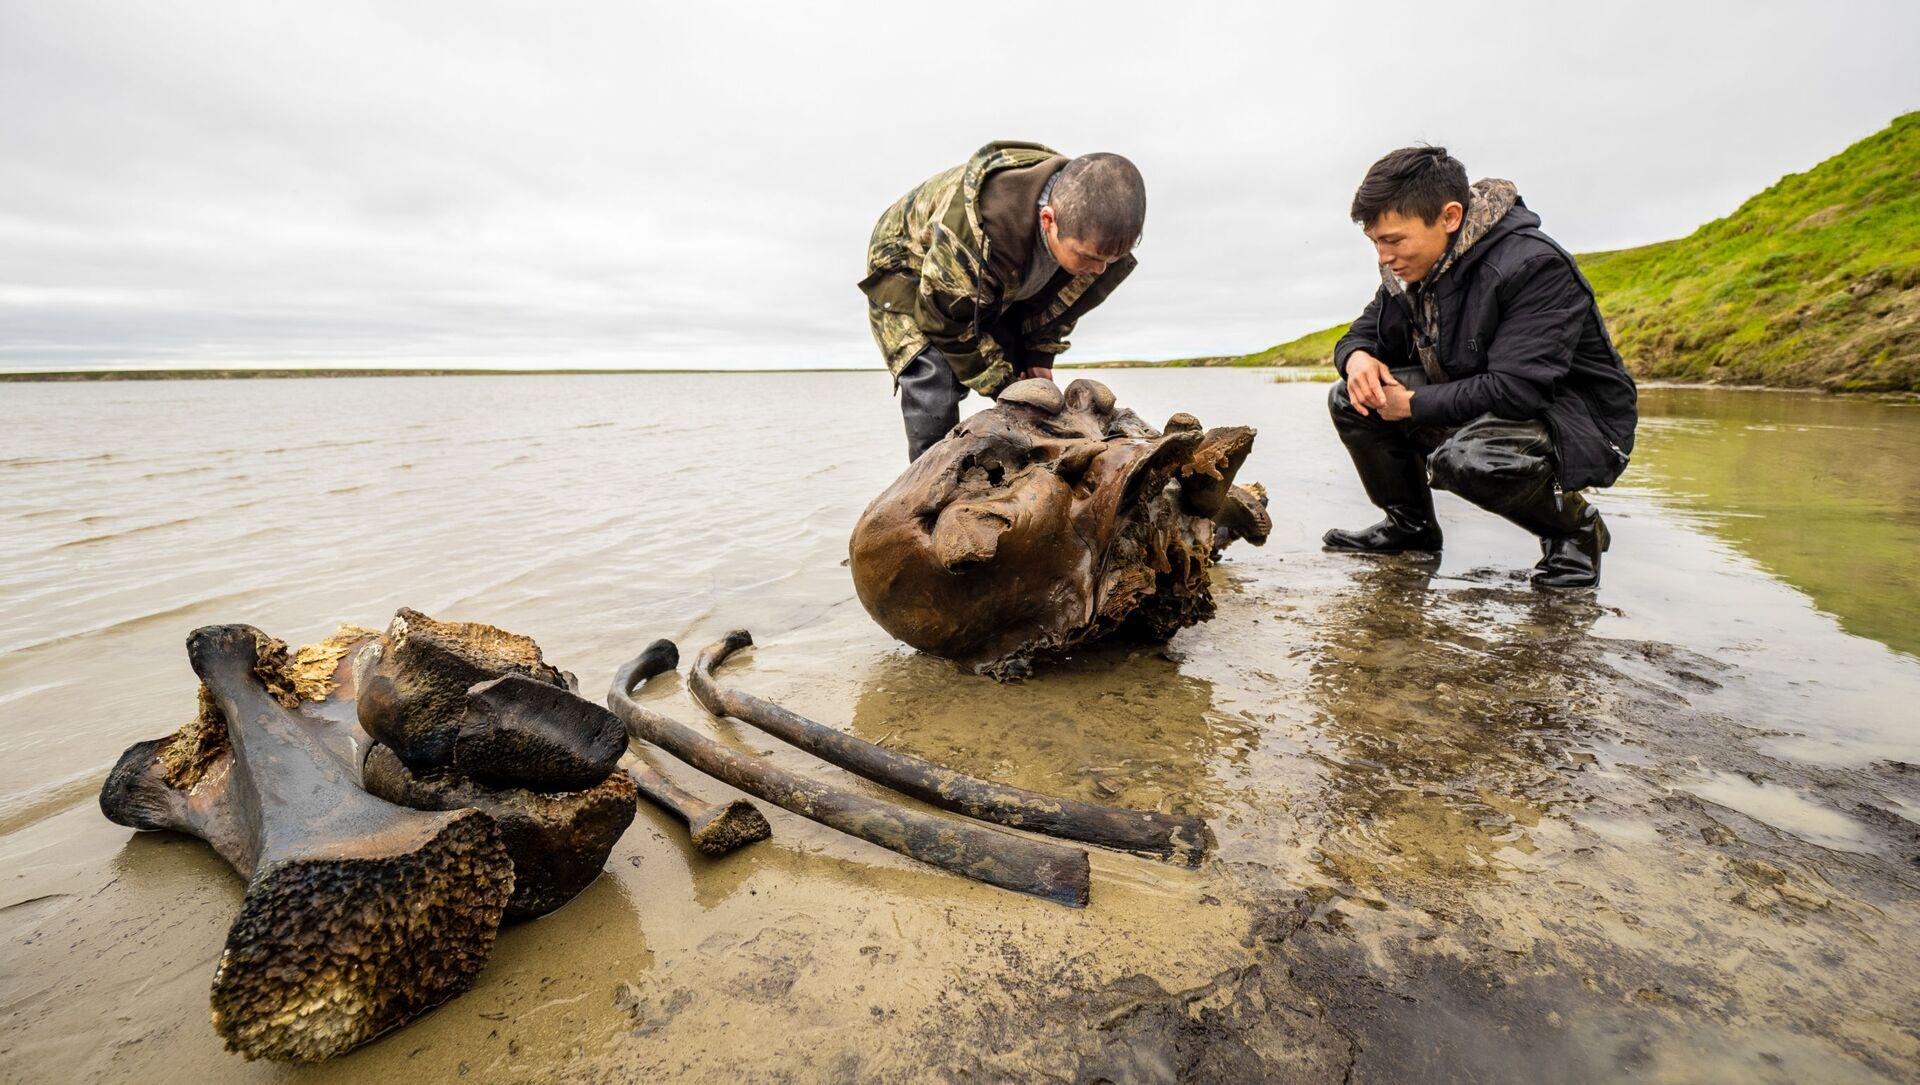 Mandriani di renne trovano fossili di mammut in un lago della Siberia occidentale - Sputnik Italia, 1920, 16.02.2021